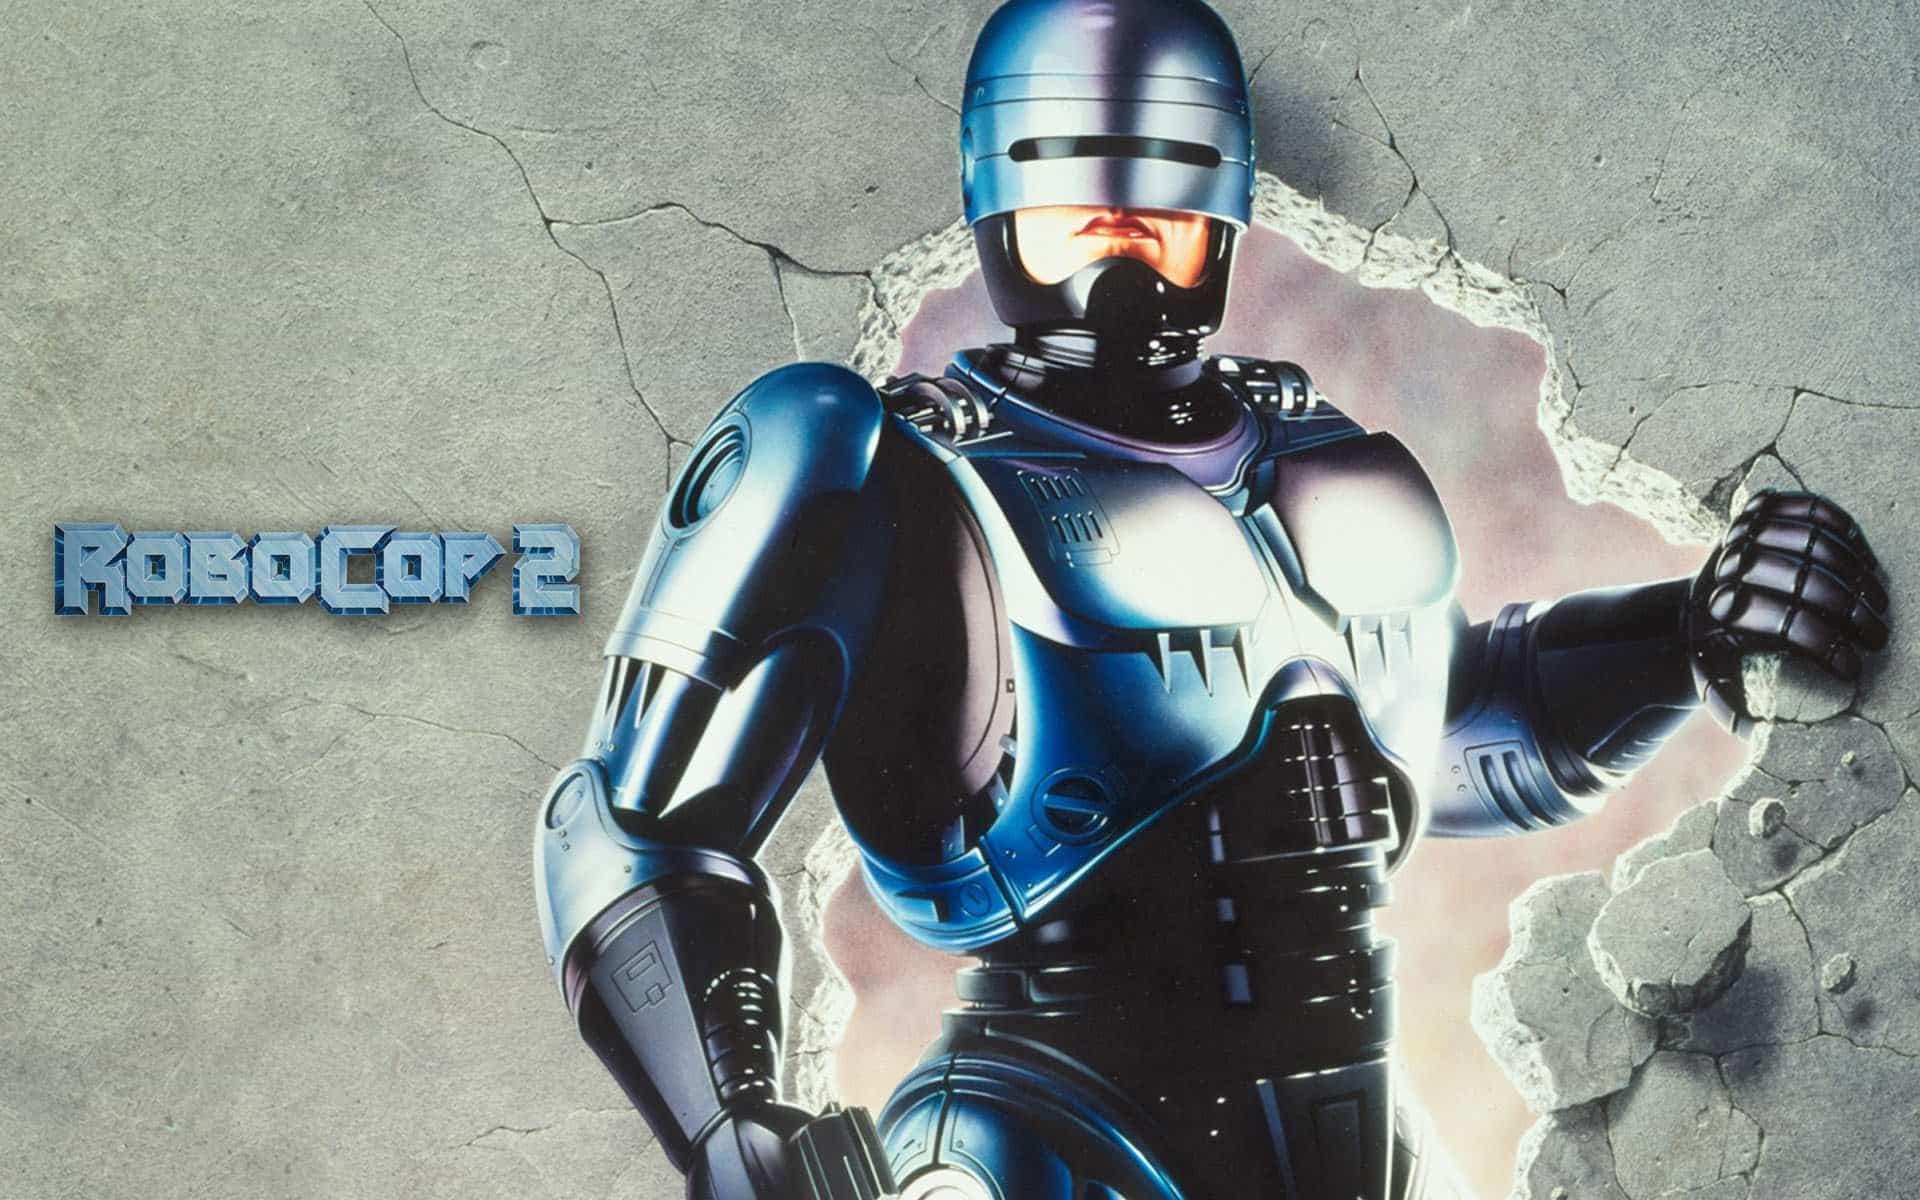 Fodralet till Robocop 2